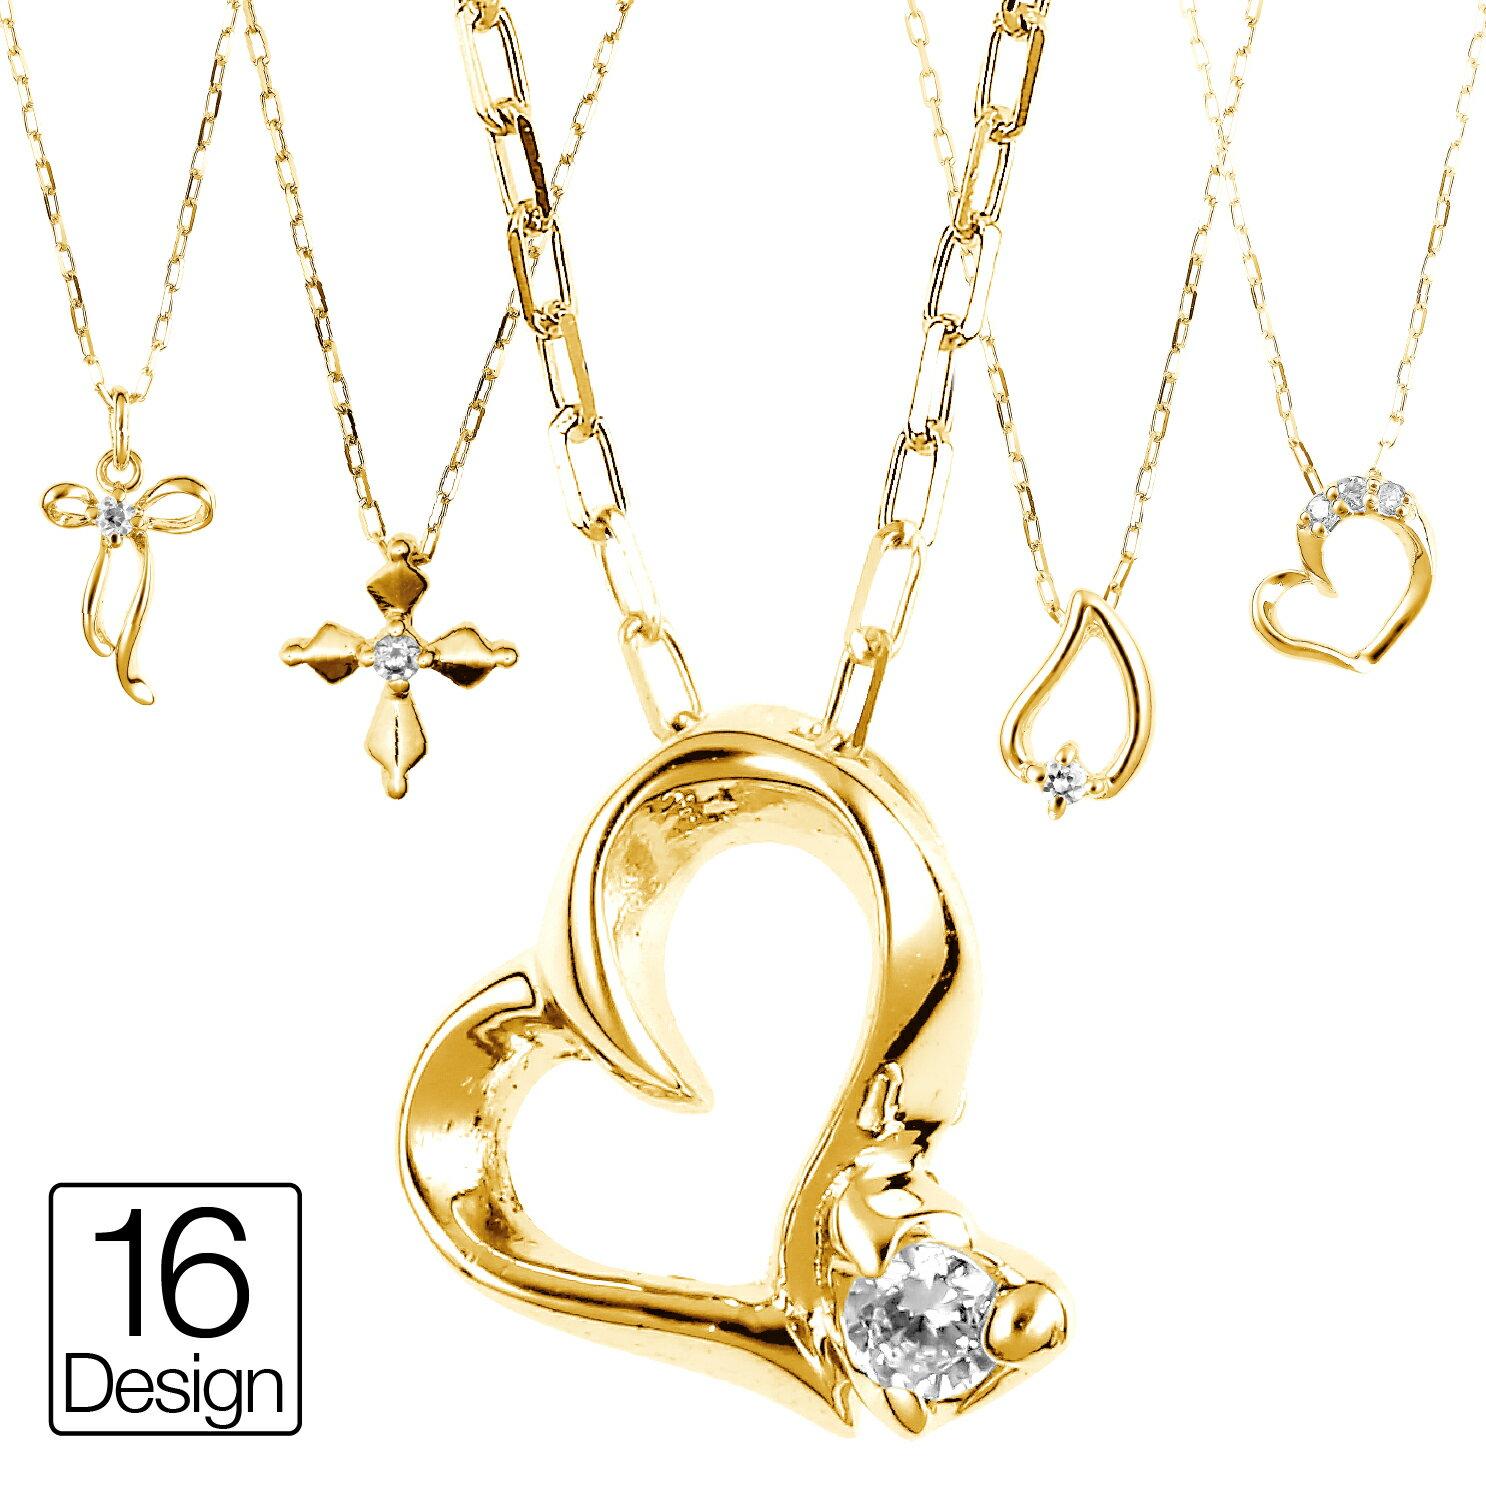 【メール便発送のみ】ネックレス ダイヤモンド 選べるデザイン16種類 オープンハート K10 ピンクゴールド